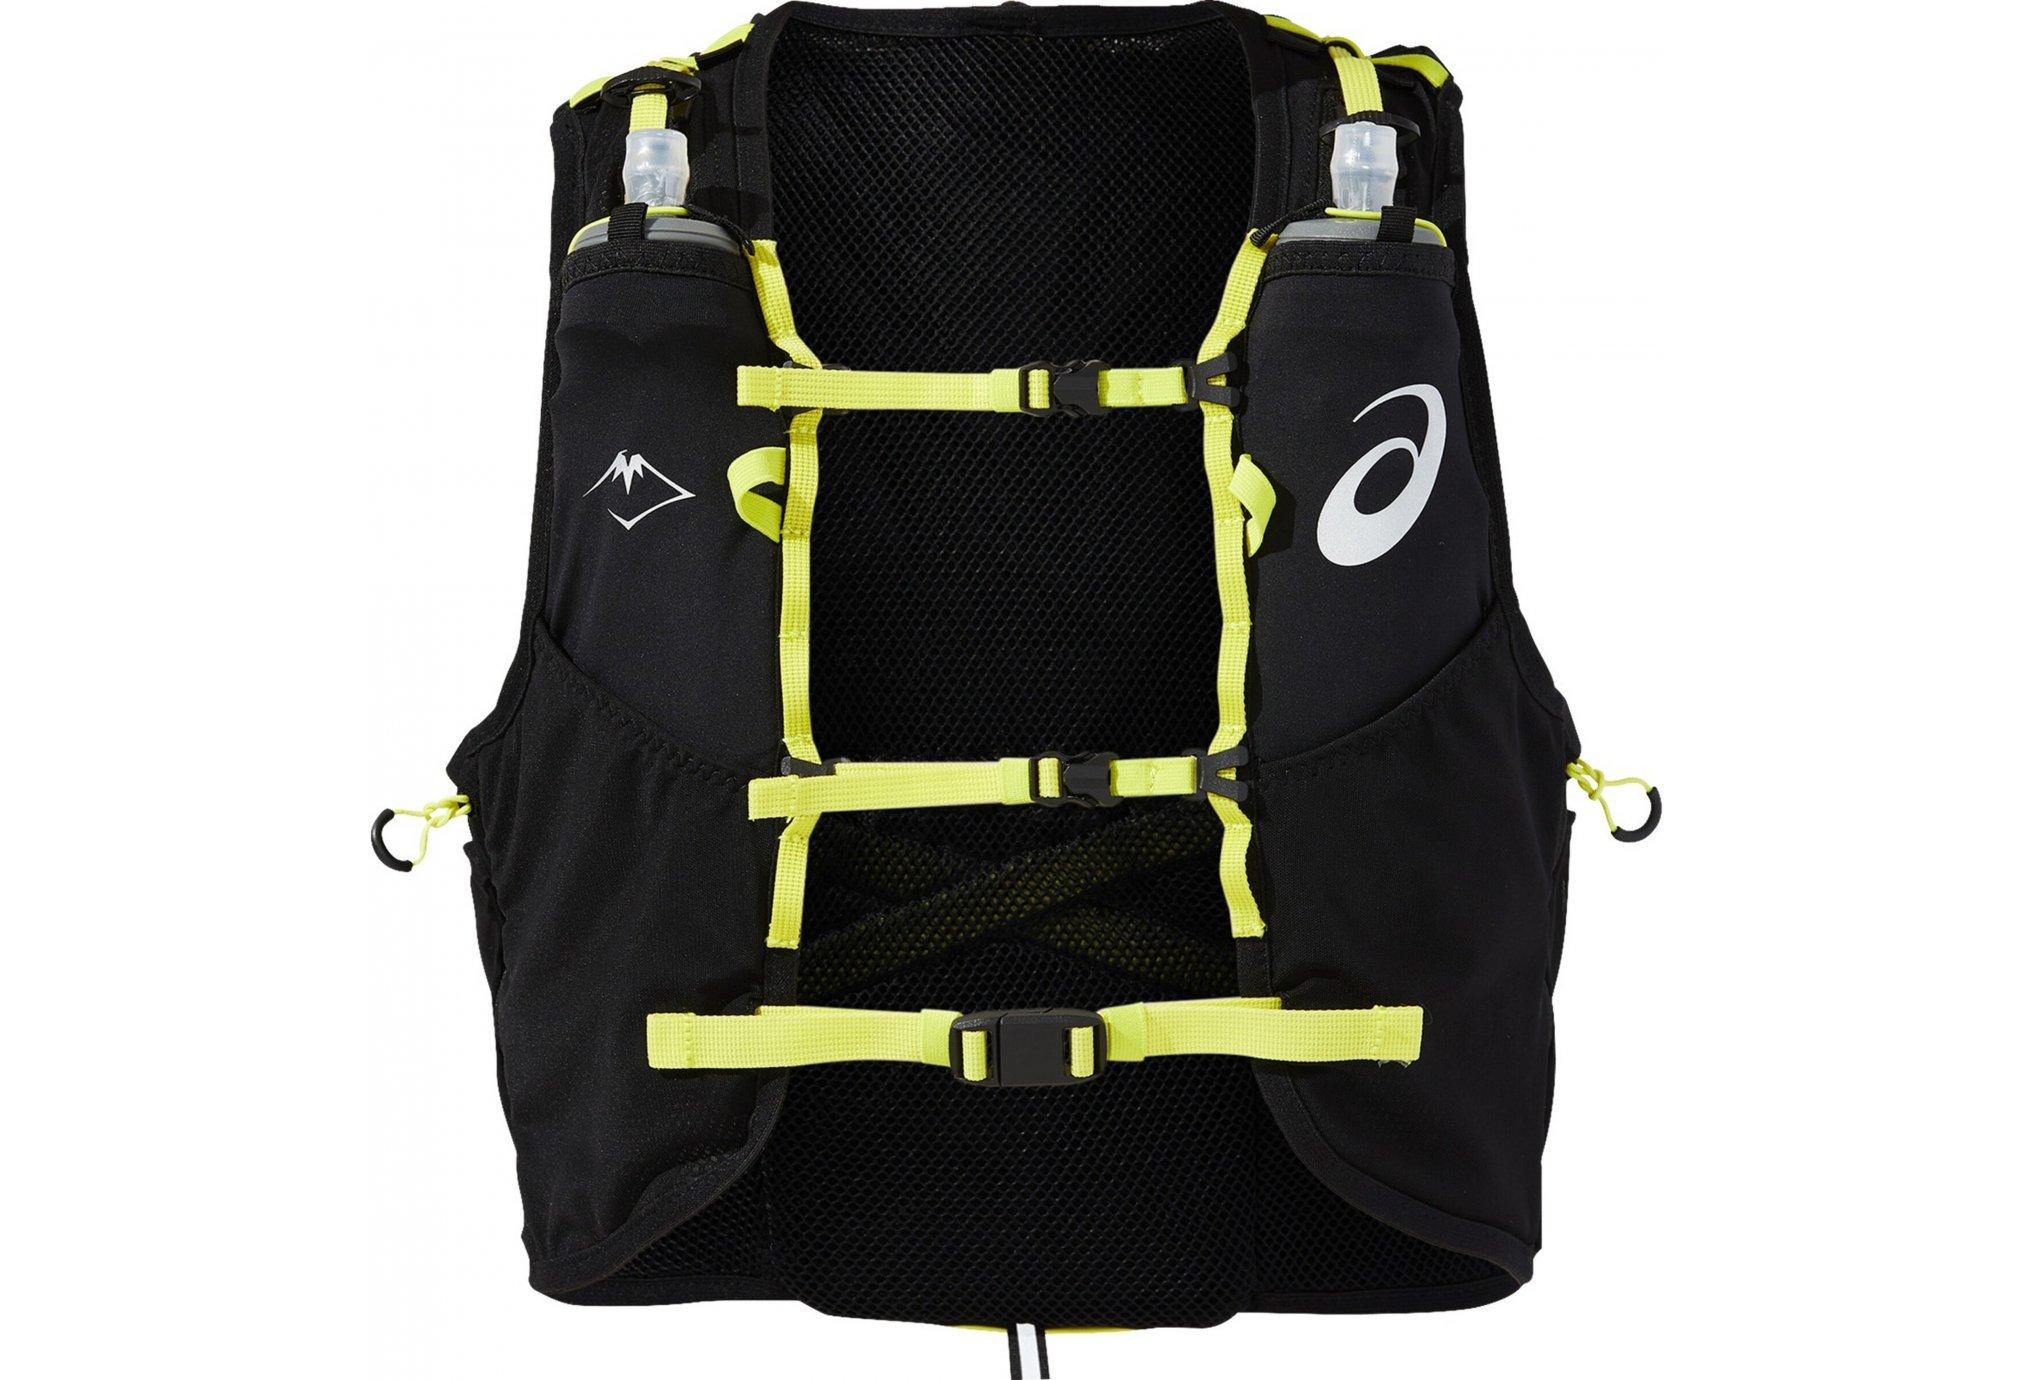 Asics Fujitrail Backpack Sac hydratation / Gourde